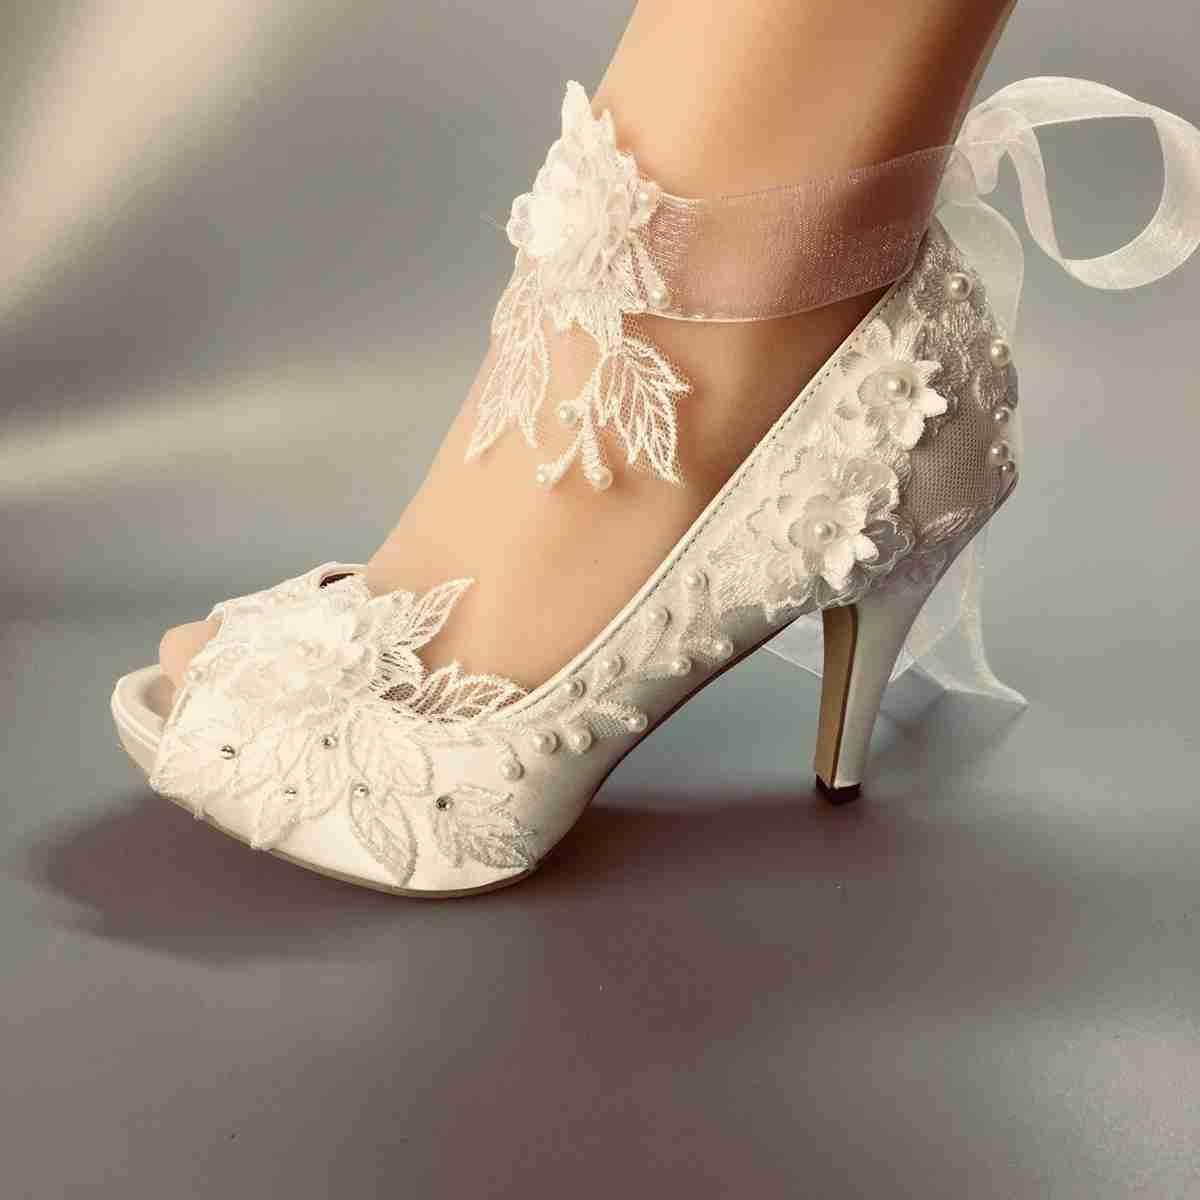 Grosshandel Hochzeitsschuhe Wasserdicht Weiss Elfenbein Braut